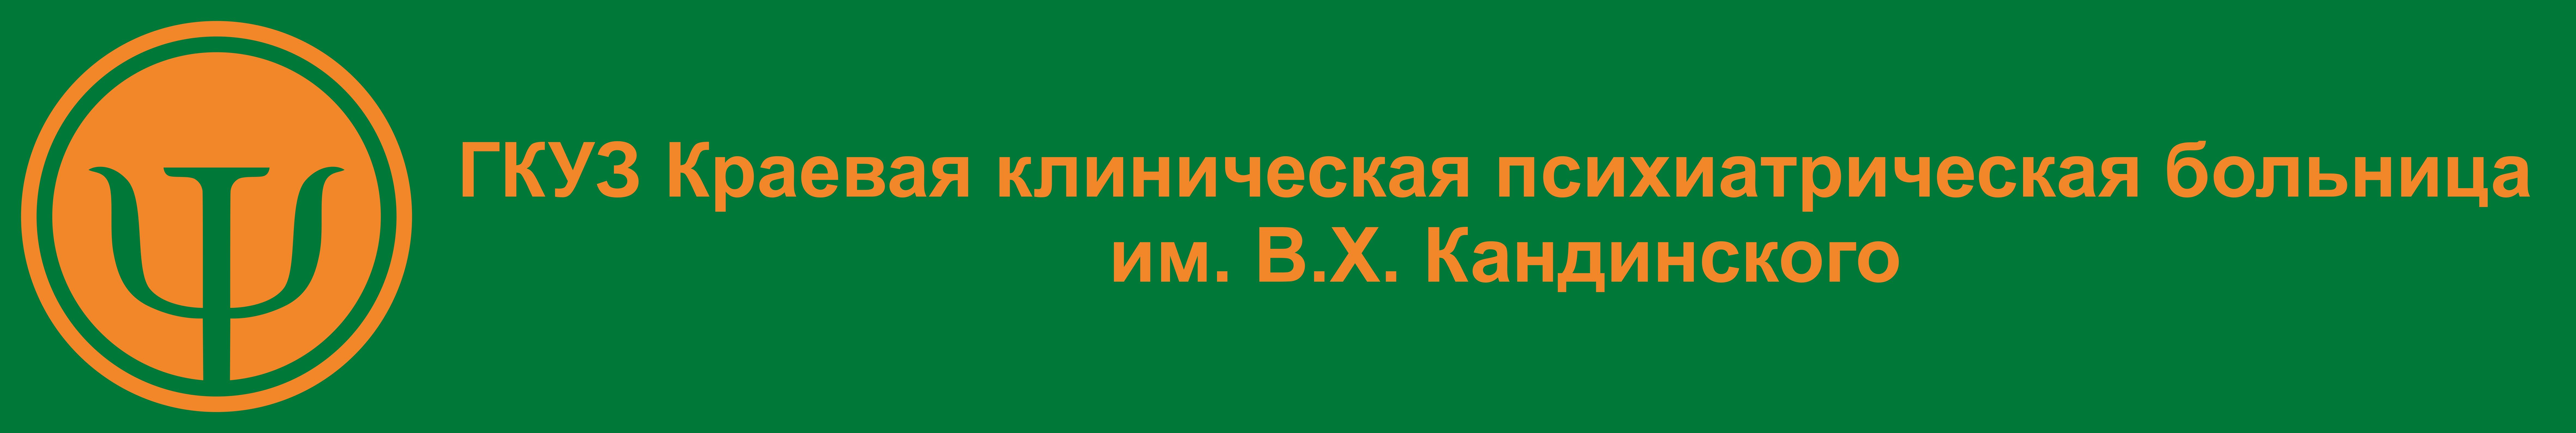 """ГКУЗ """"ККПБ имени В.Х. Кандинского"""""""